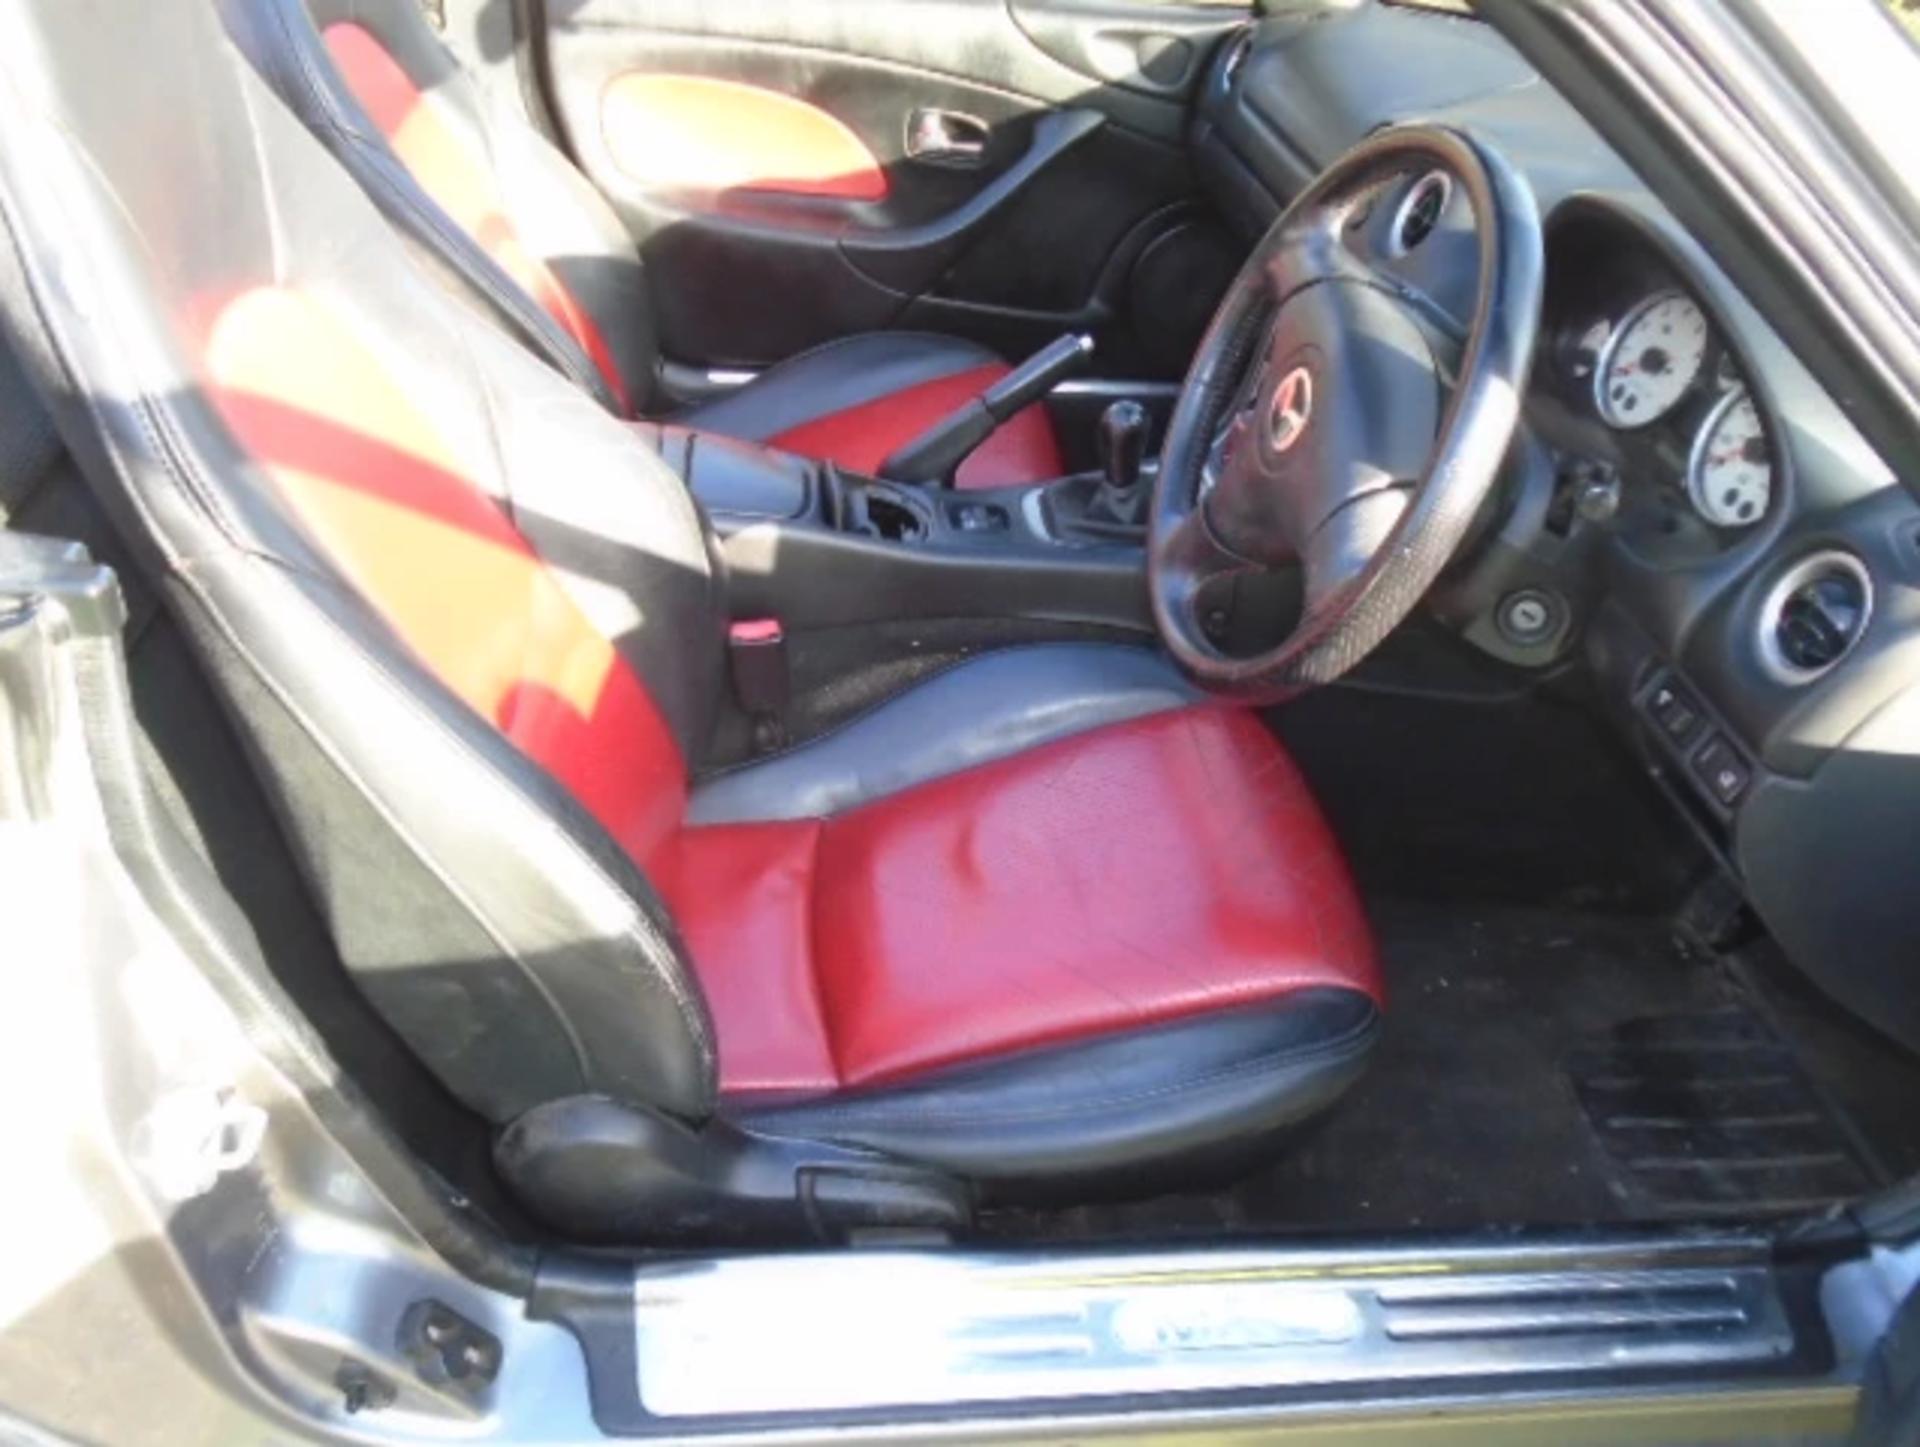 2004 Mazda MX5 1.8 Euphonic - Image 6 of 6